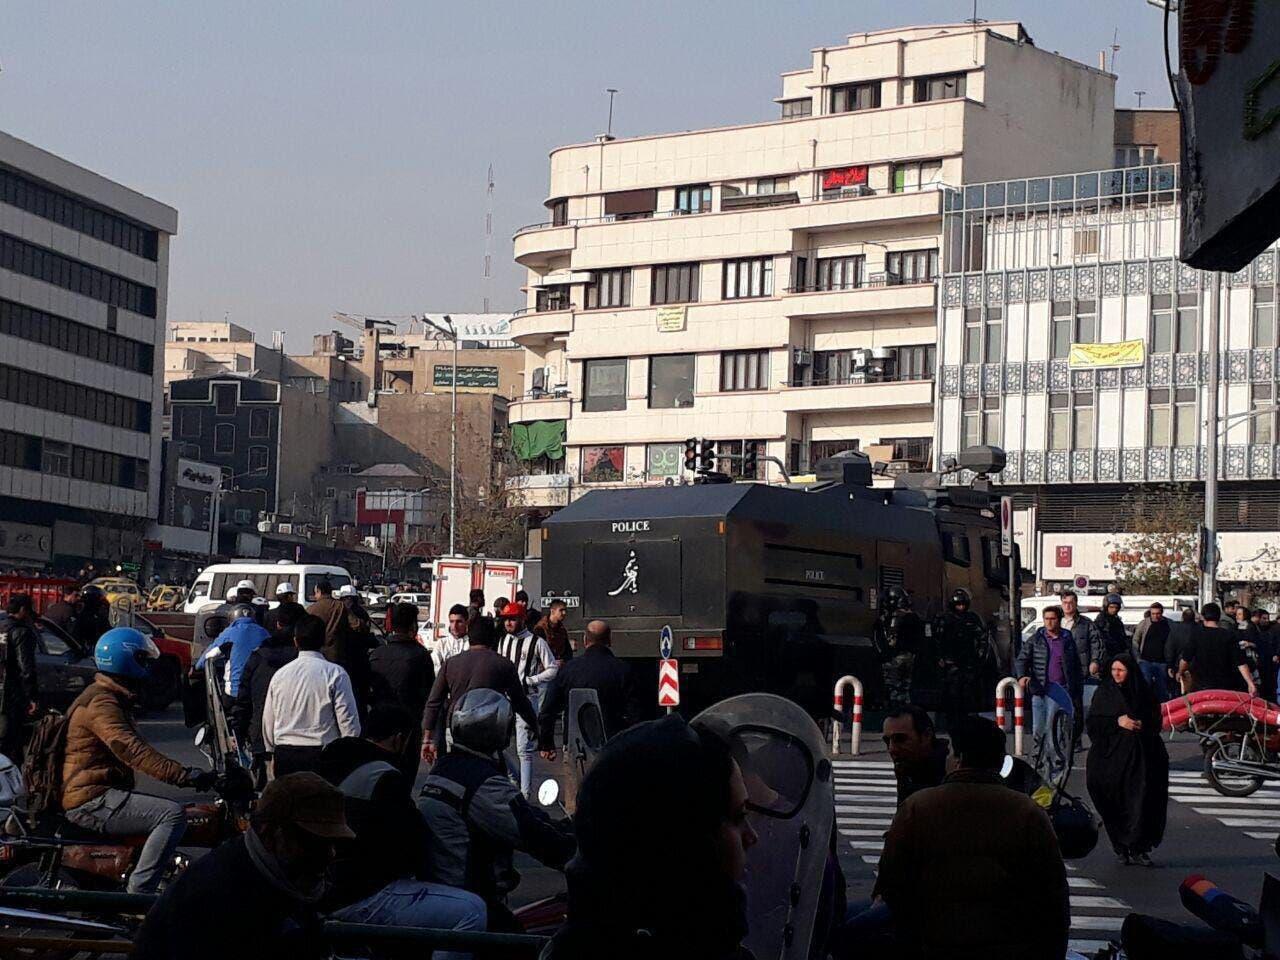 استقرار نیروی ضد شورش و ماشینهای آبپاش در میدان انقلاب تهران